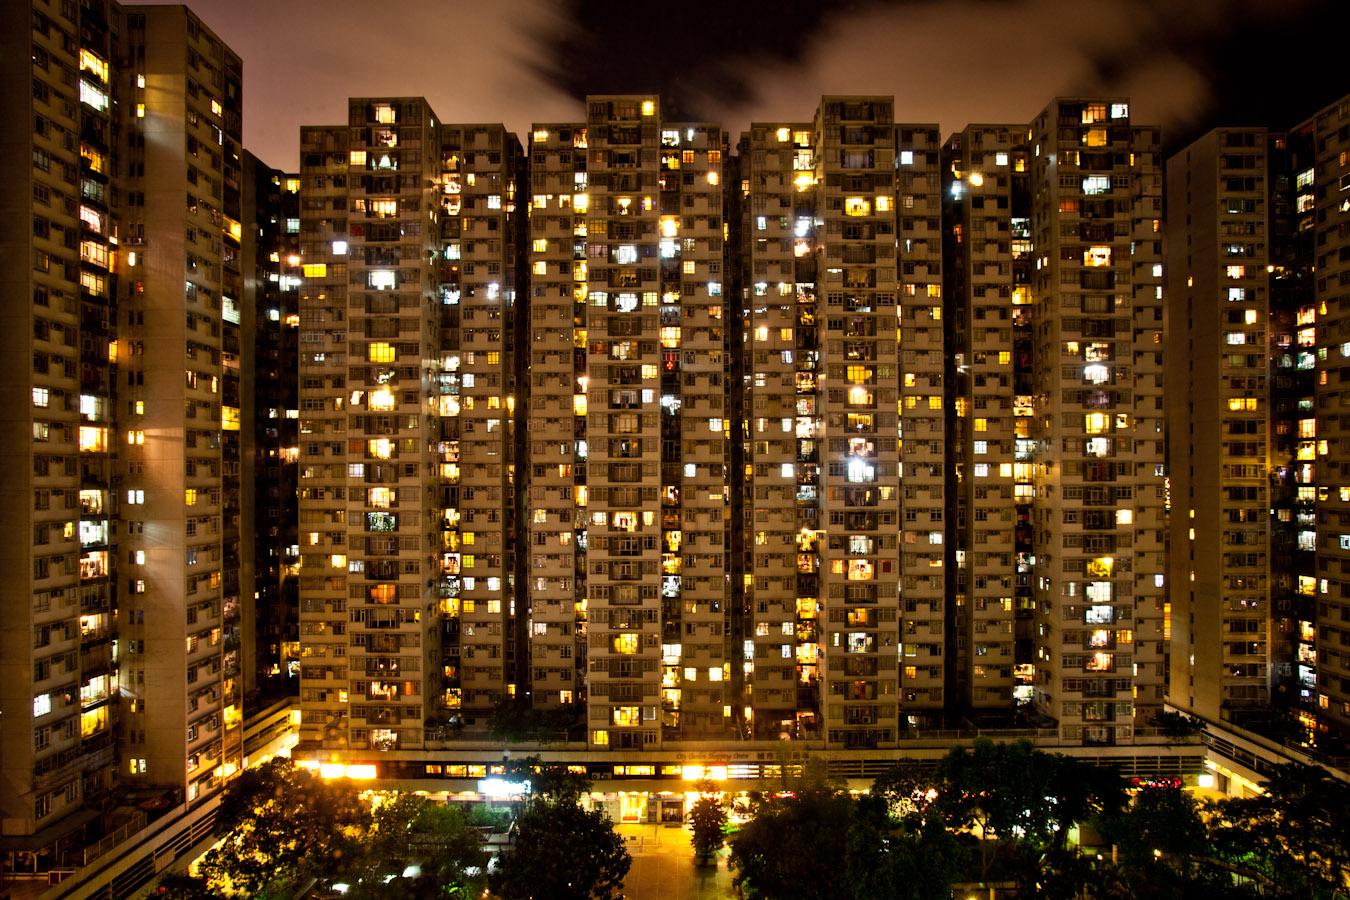 20110613_hongkong3_0959lw